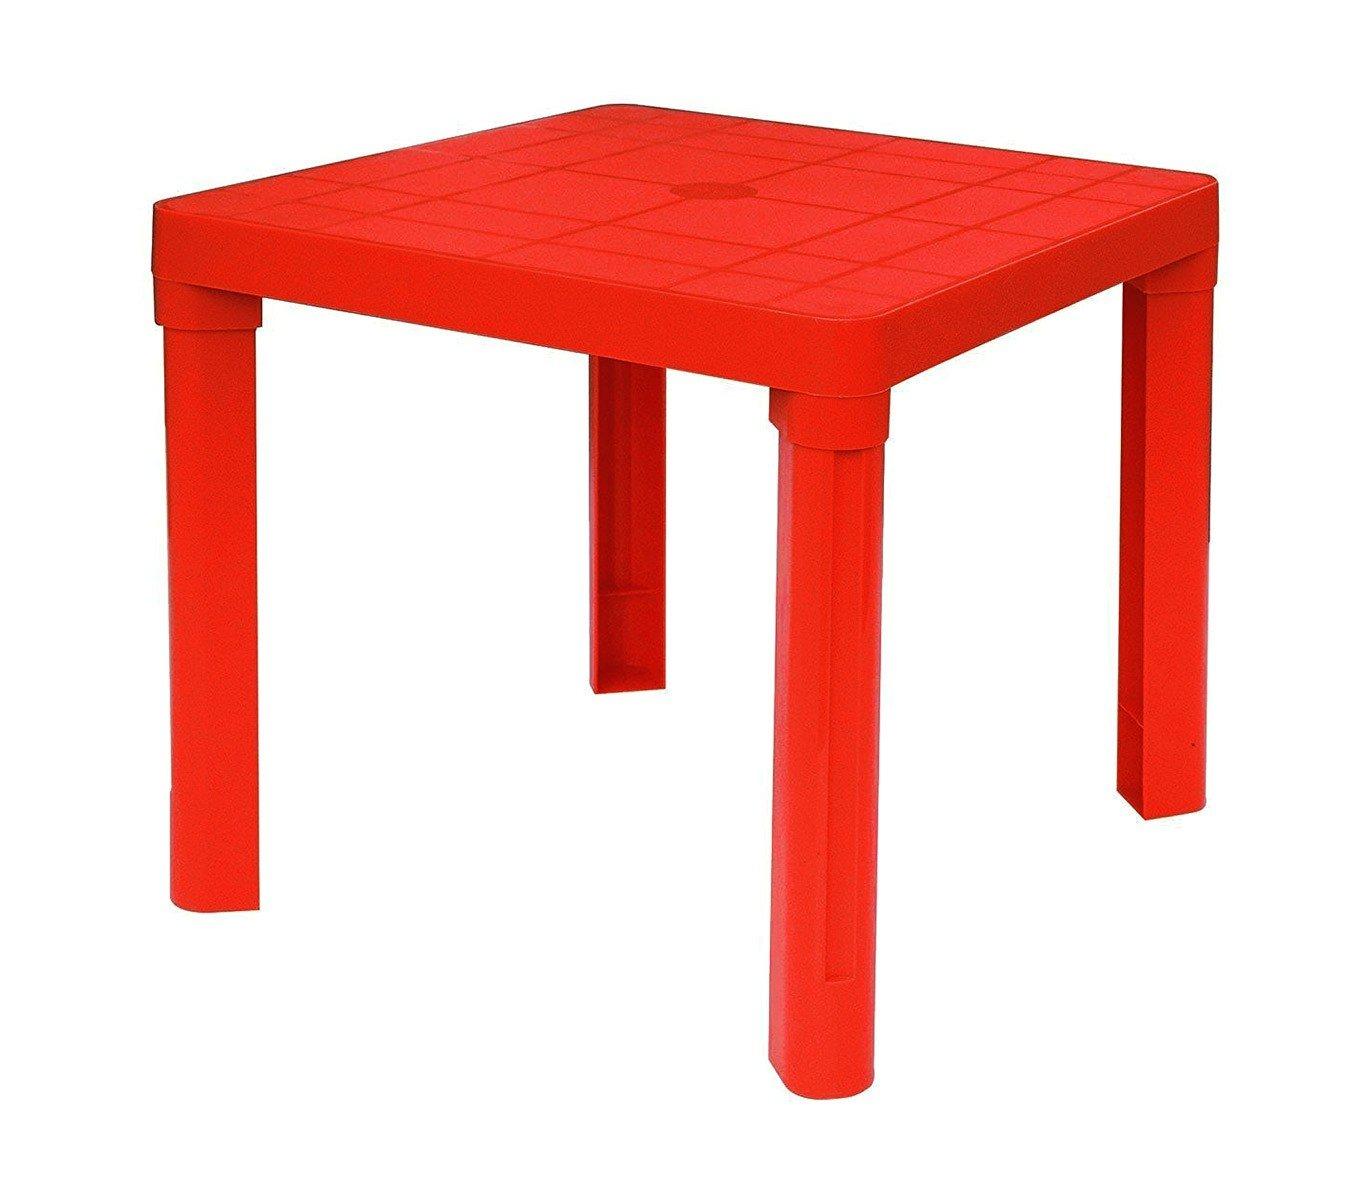 MEDIA WAVE store Tavolo per bambini in plastica 50x50 cm smontabile in plastica rigida di Colore ROSSO. 240335